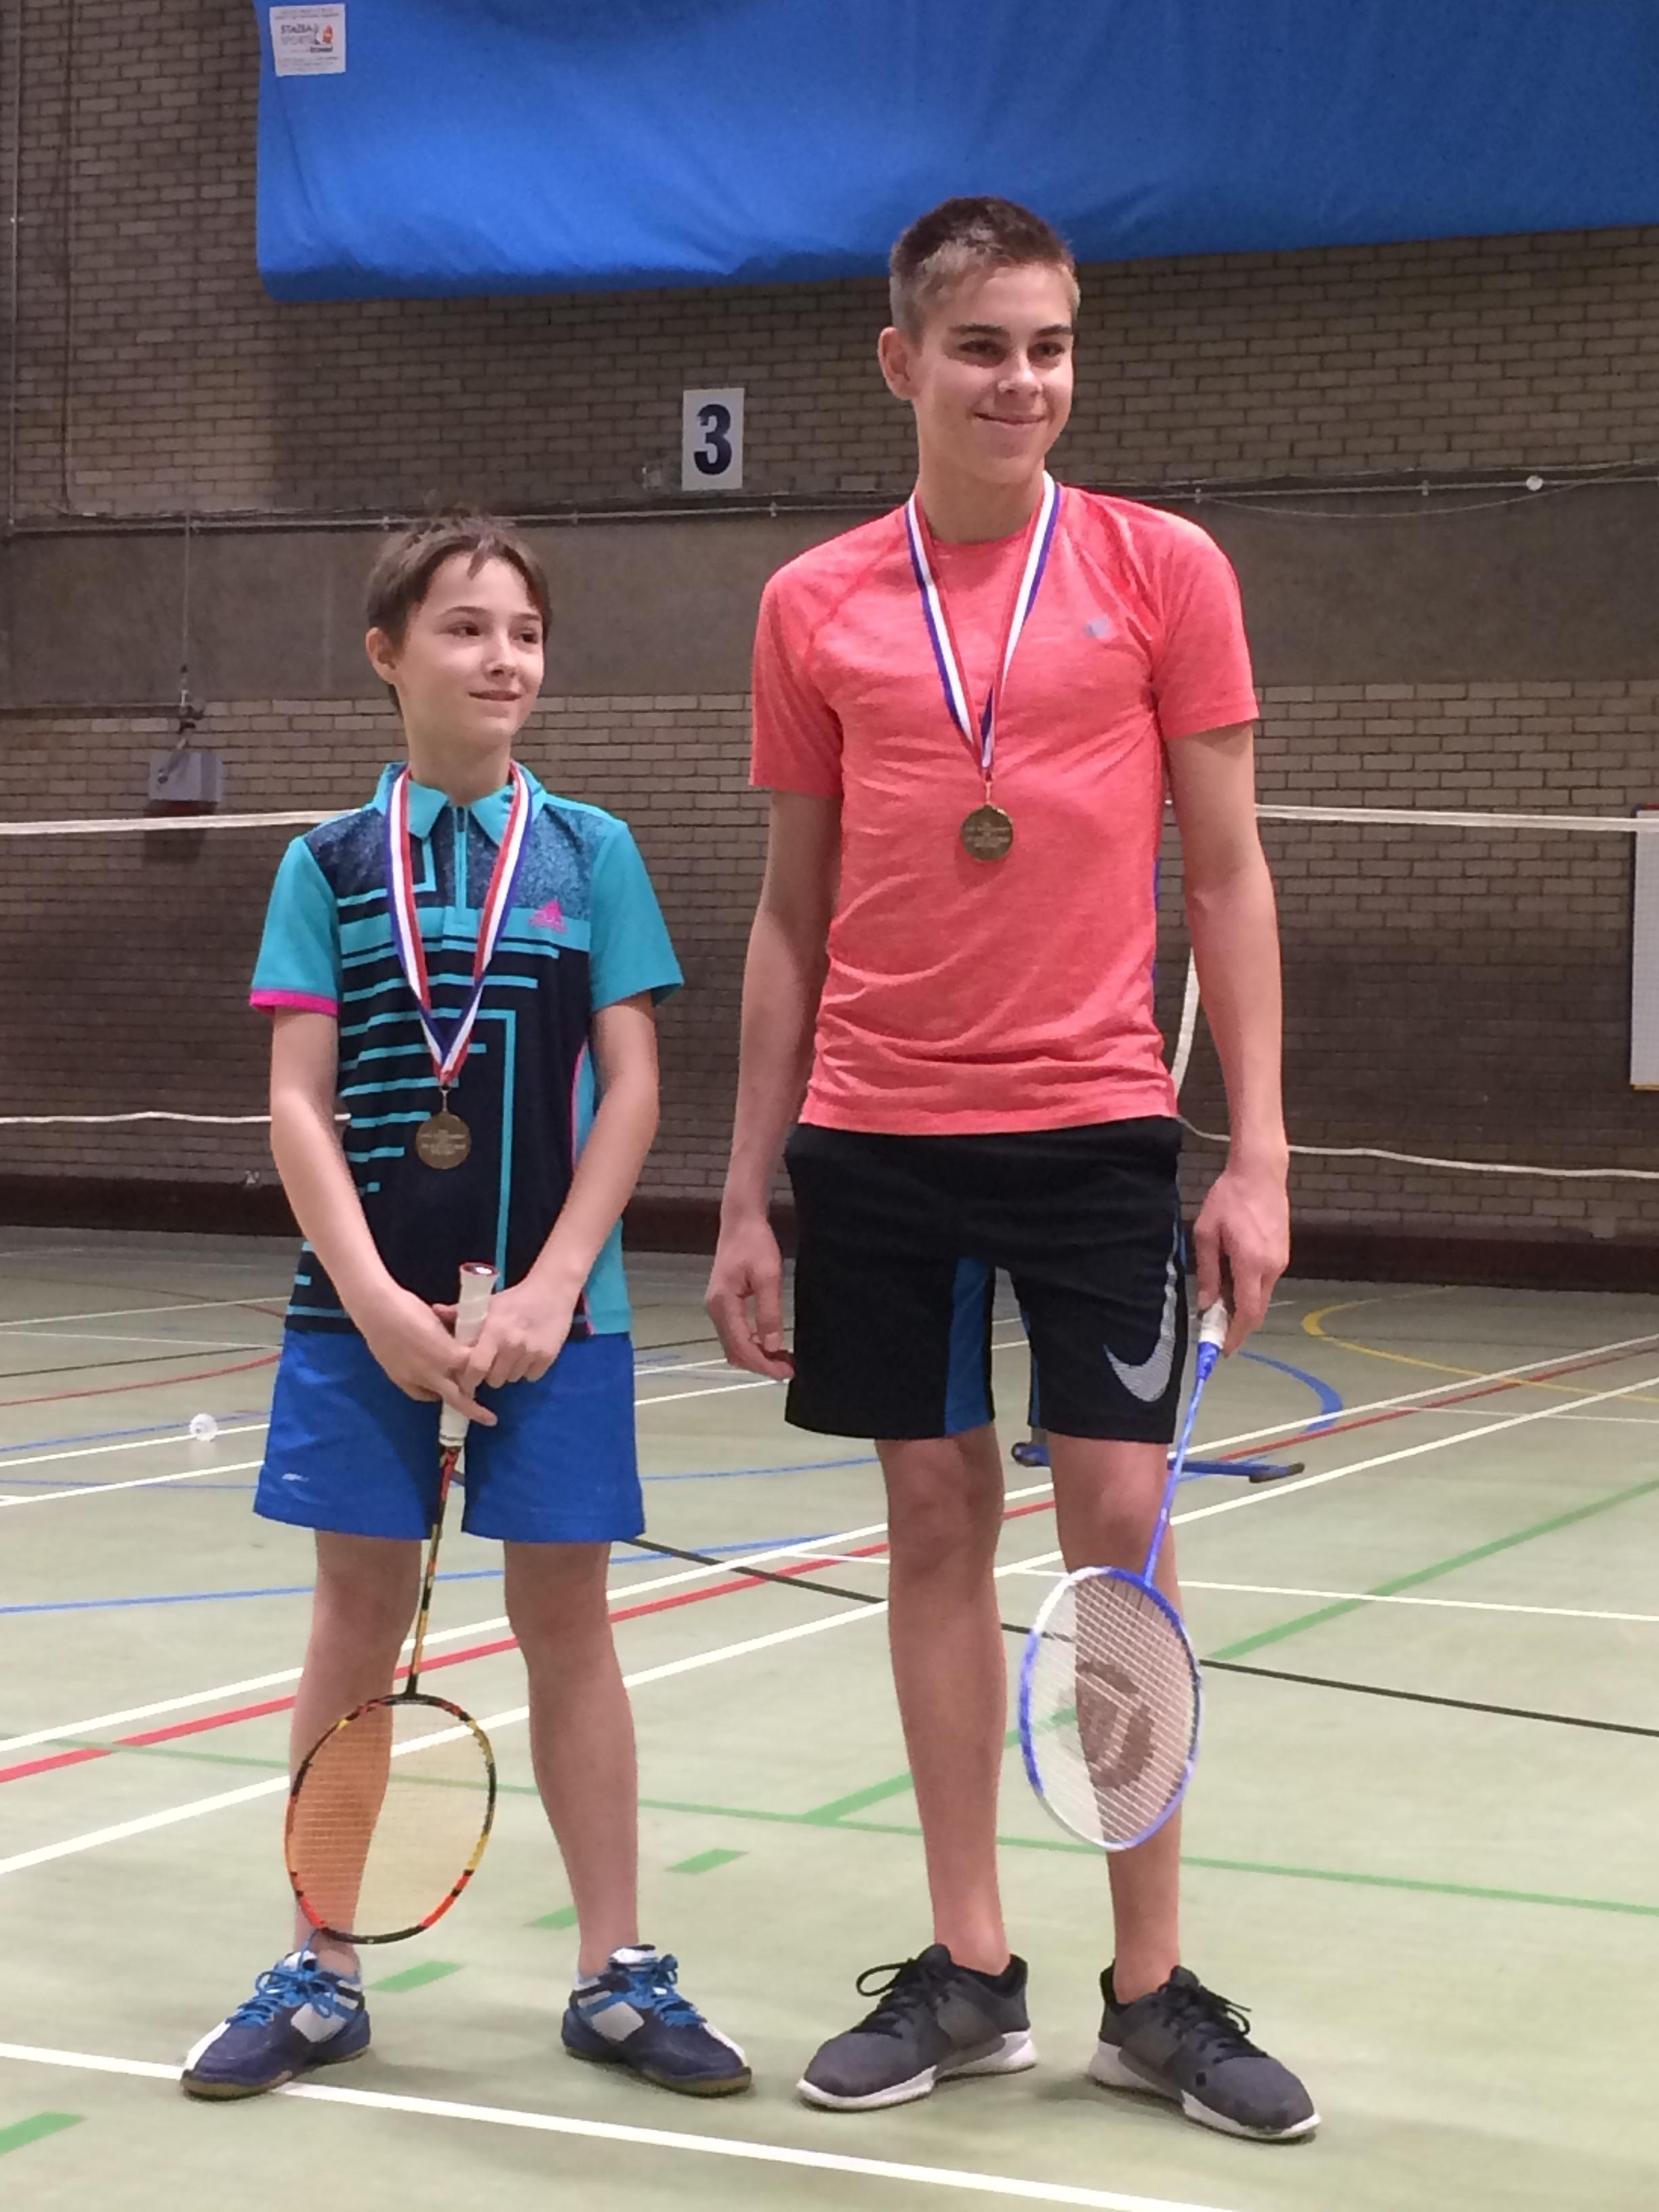 U15 boys doubles winners: Nikita Larin/George Frakin